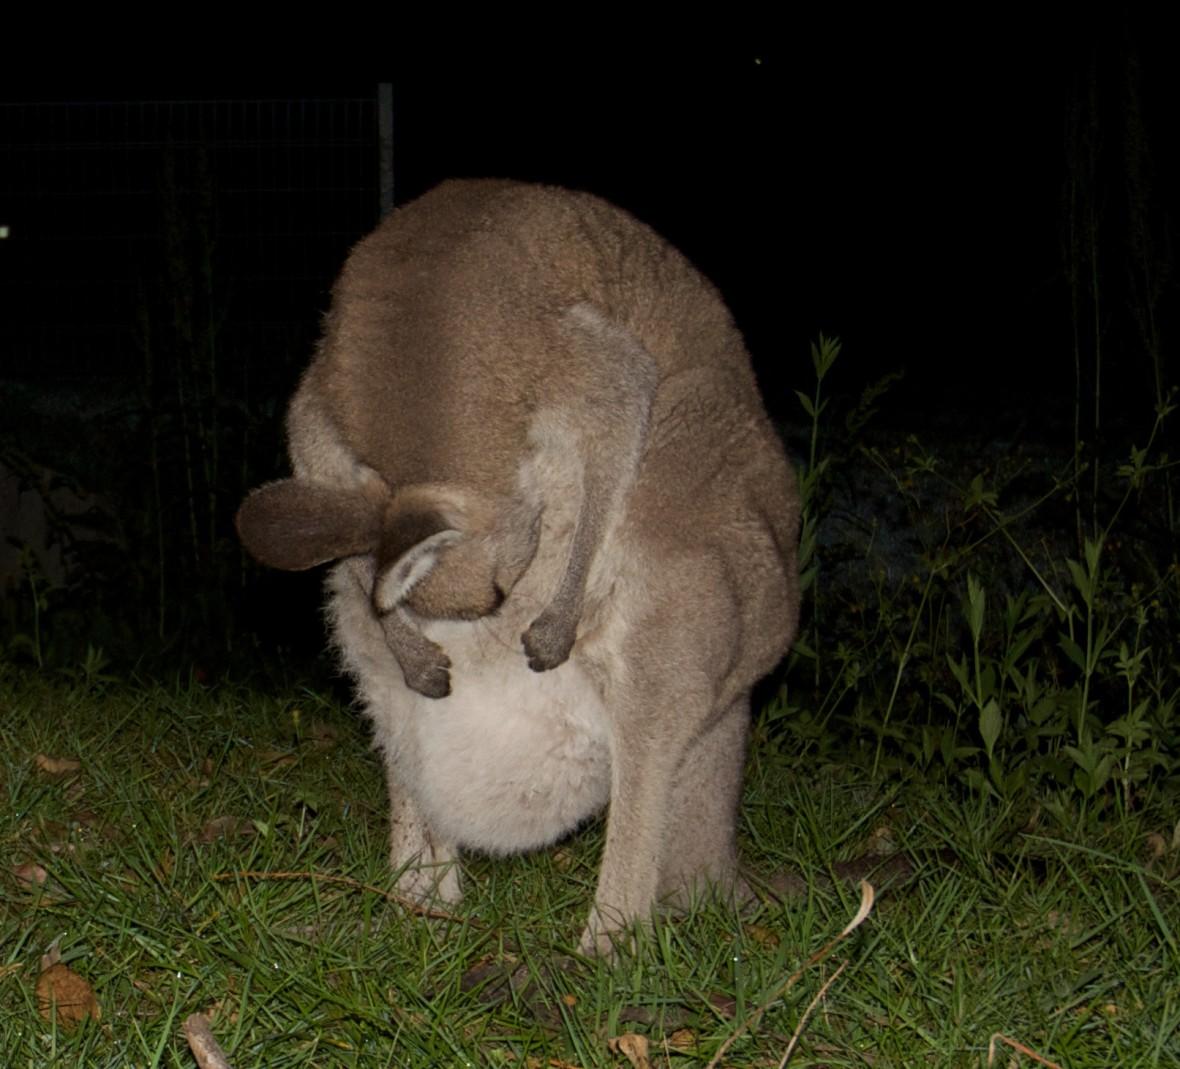 kangaroo kindness